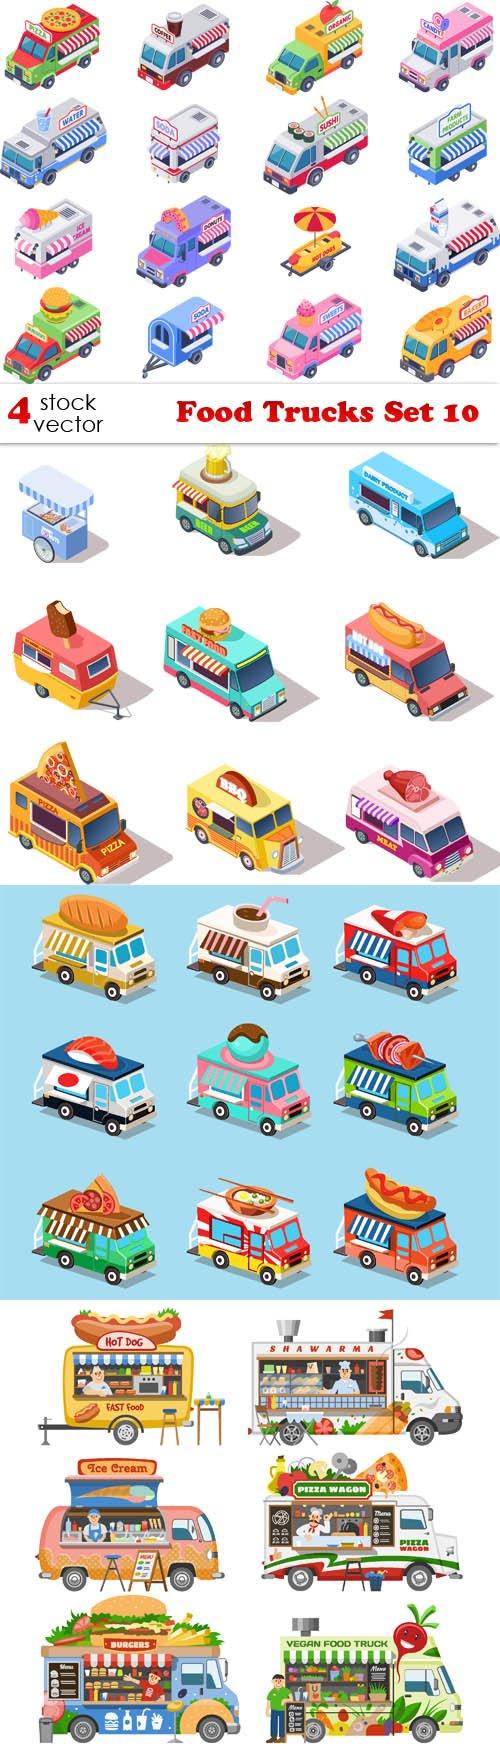 Vectors - Food Trucks Set 10